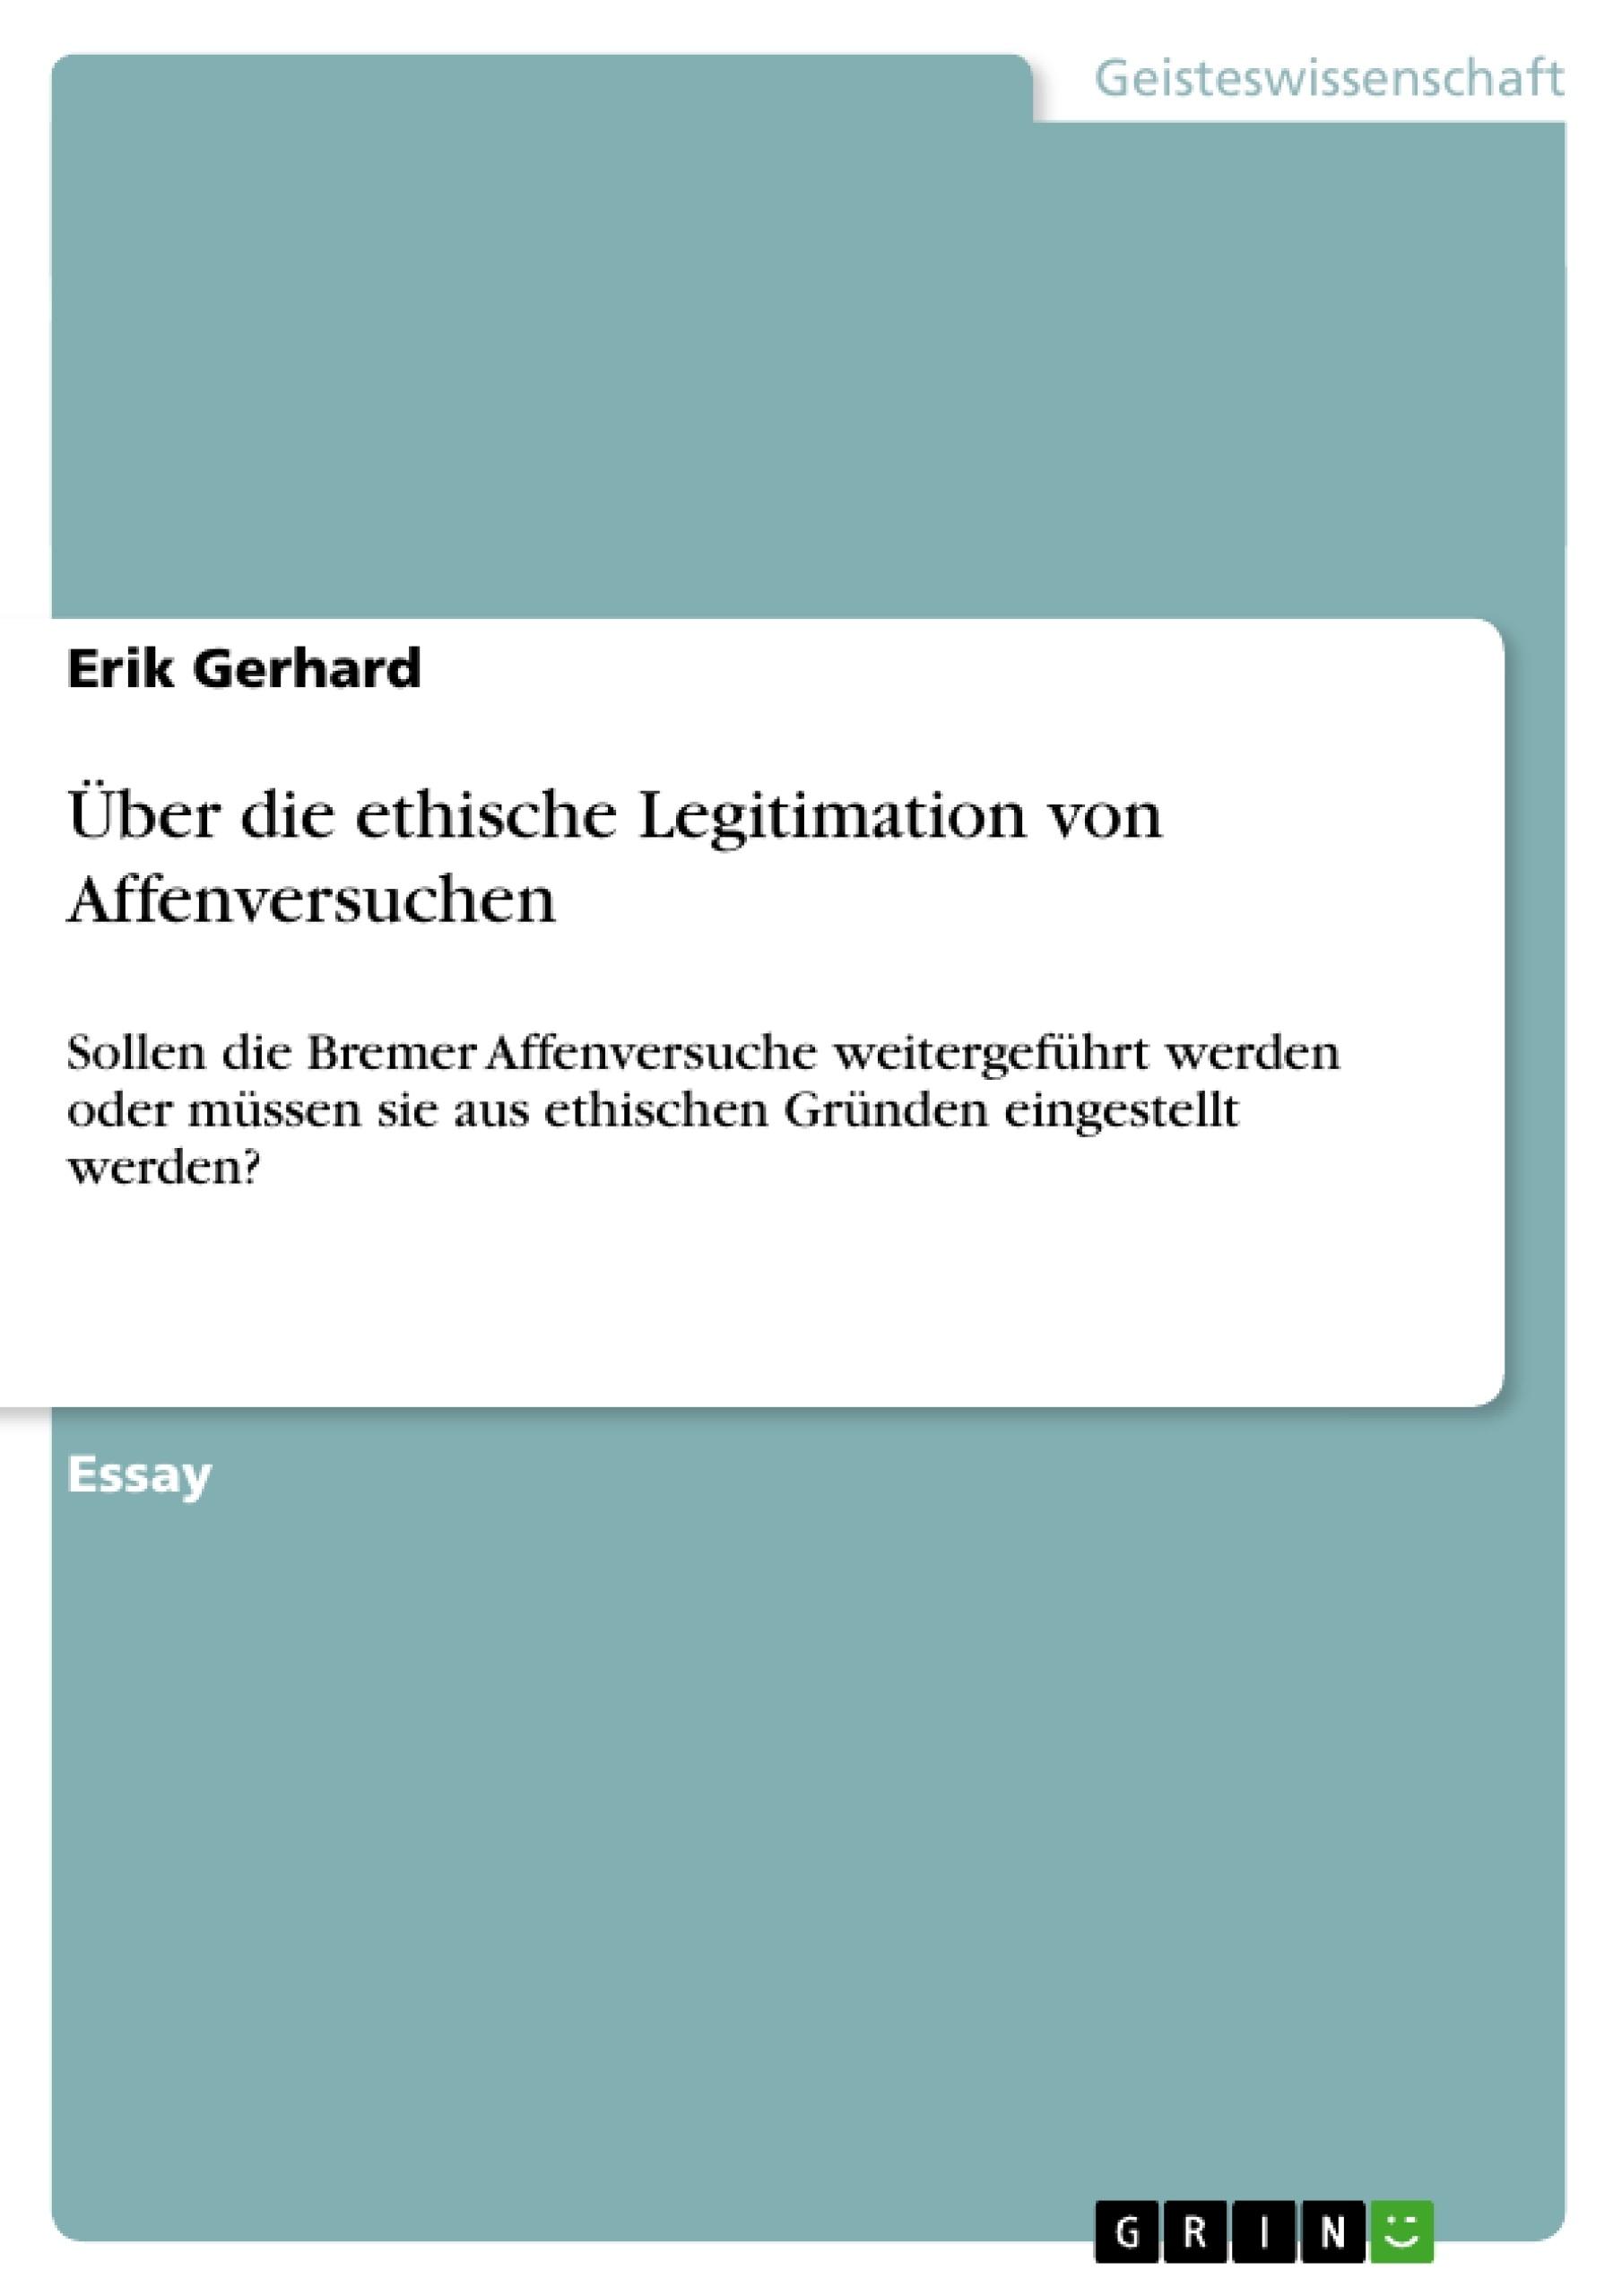 Titel: Über die ethische Legitimation von Affenversuchen